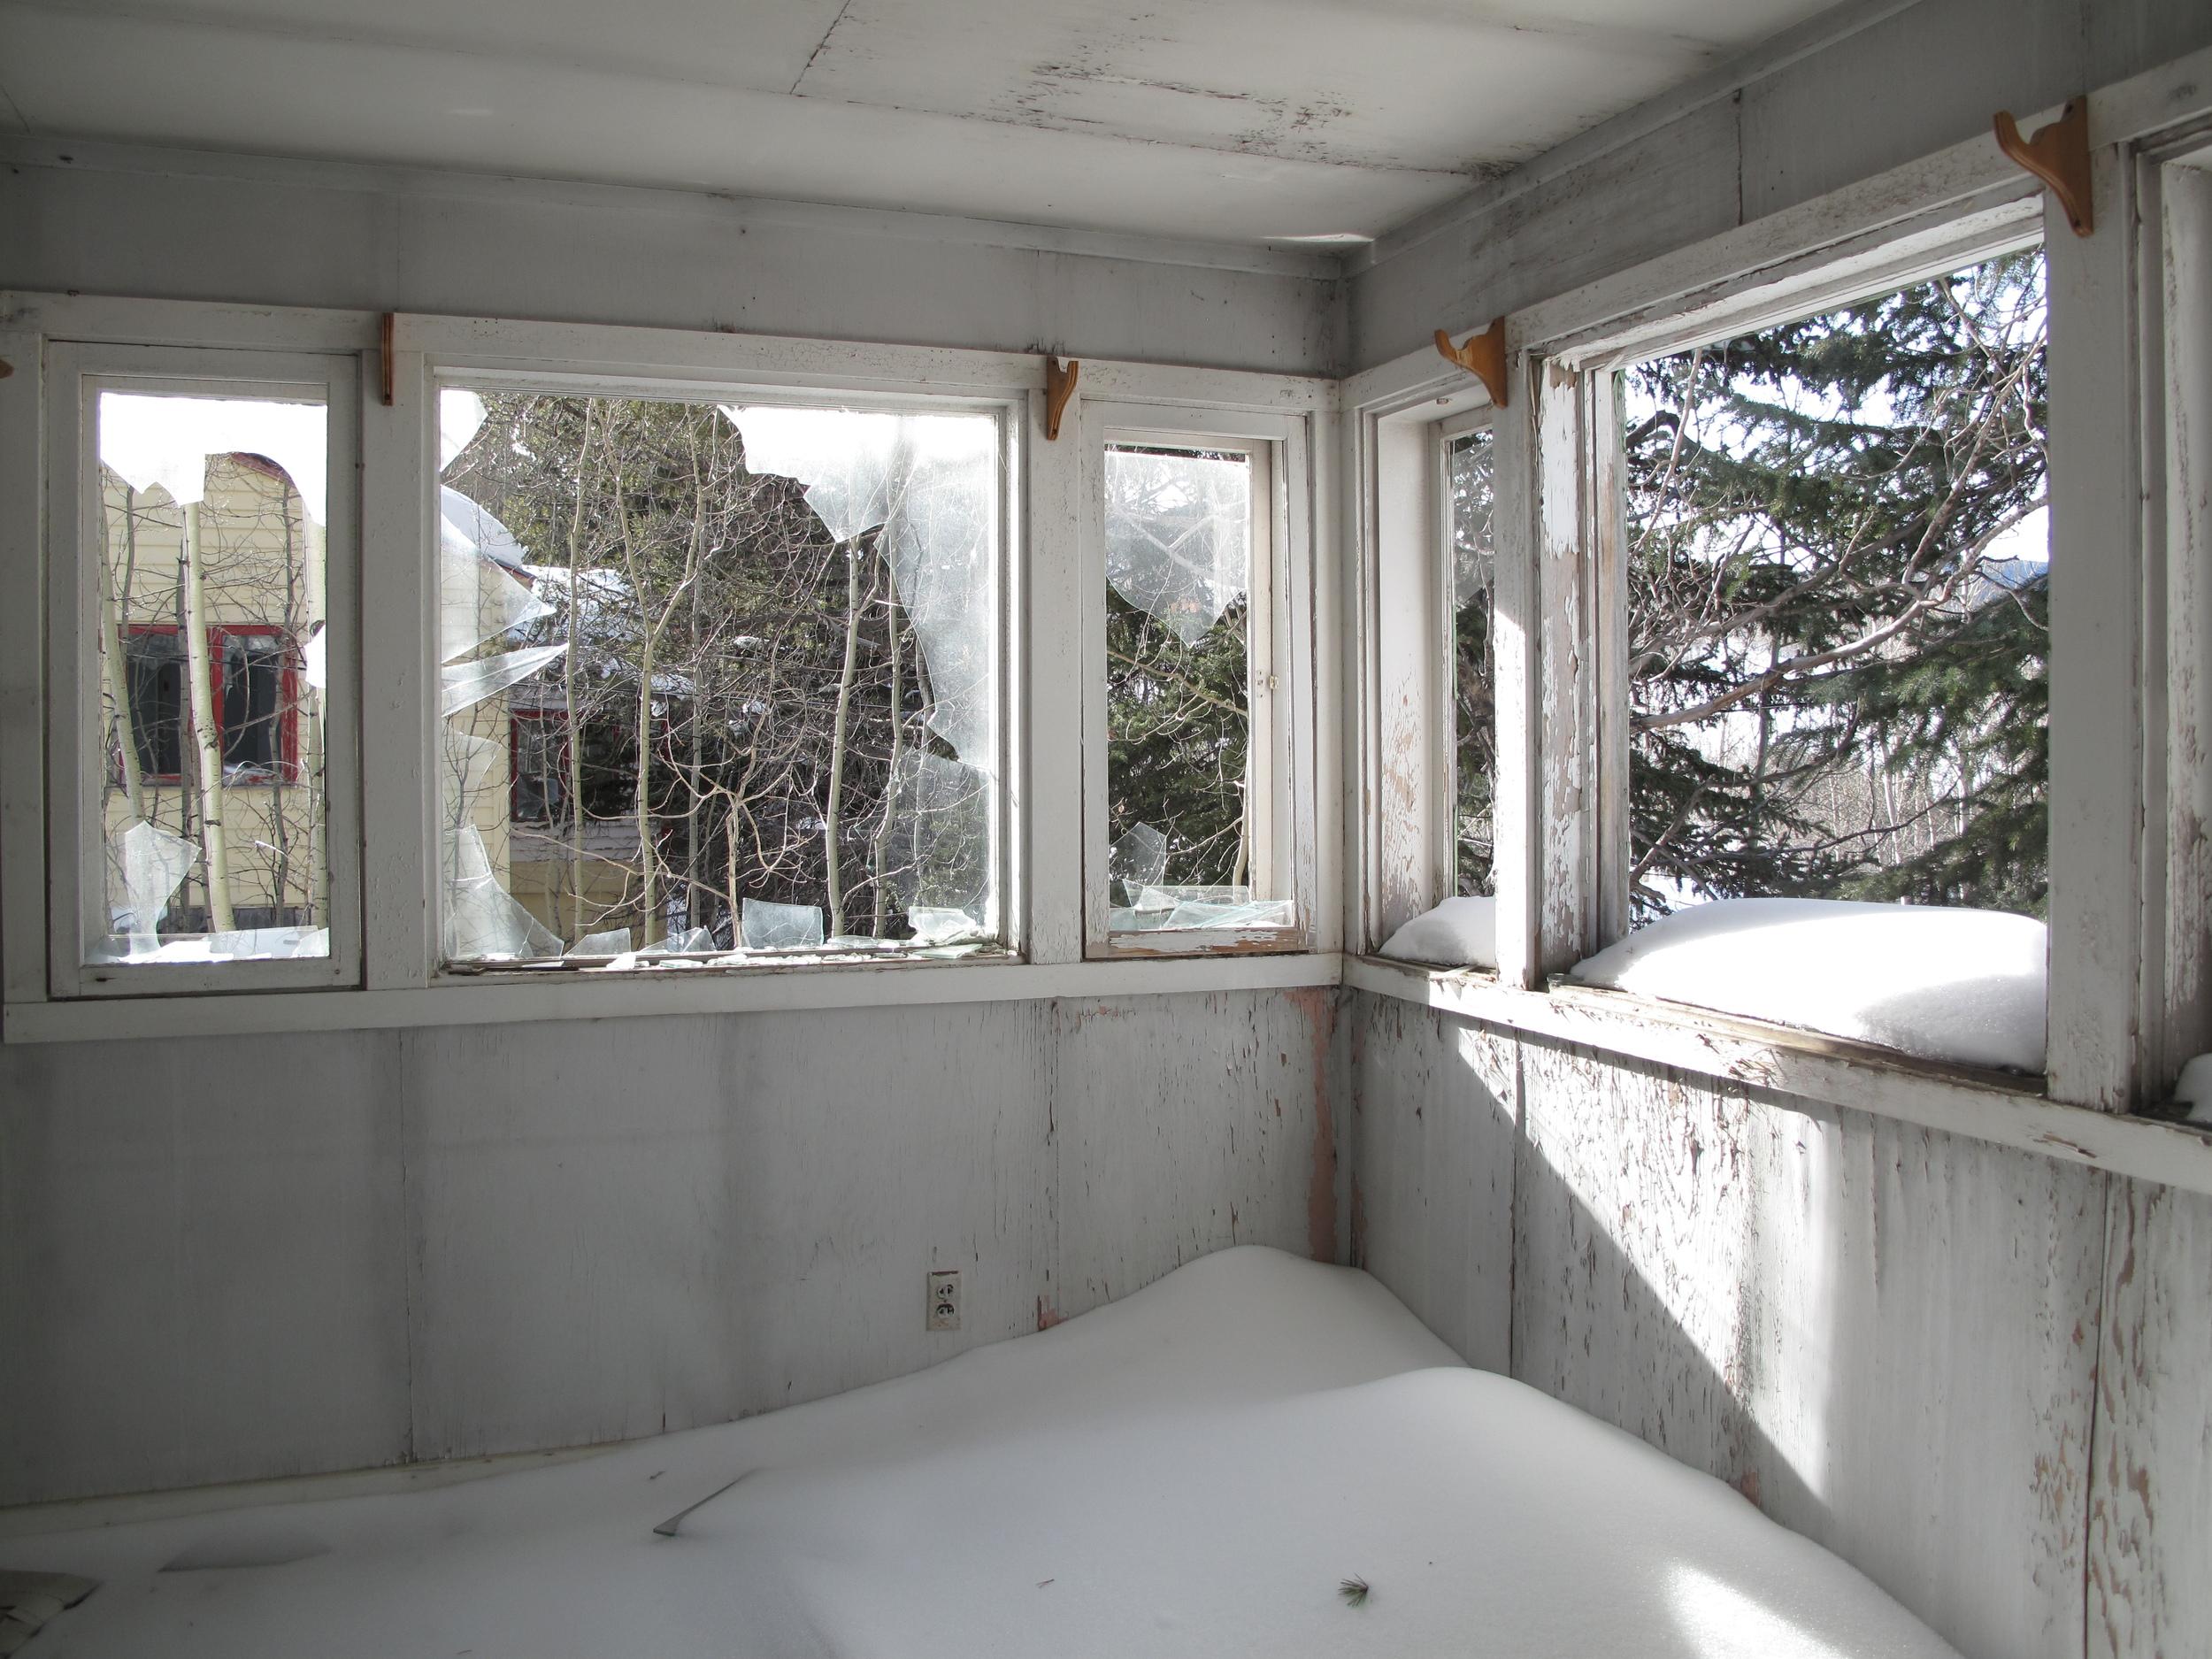 Snow inside an abandoned house - eery silence. Gilman CO.